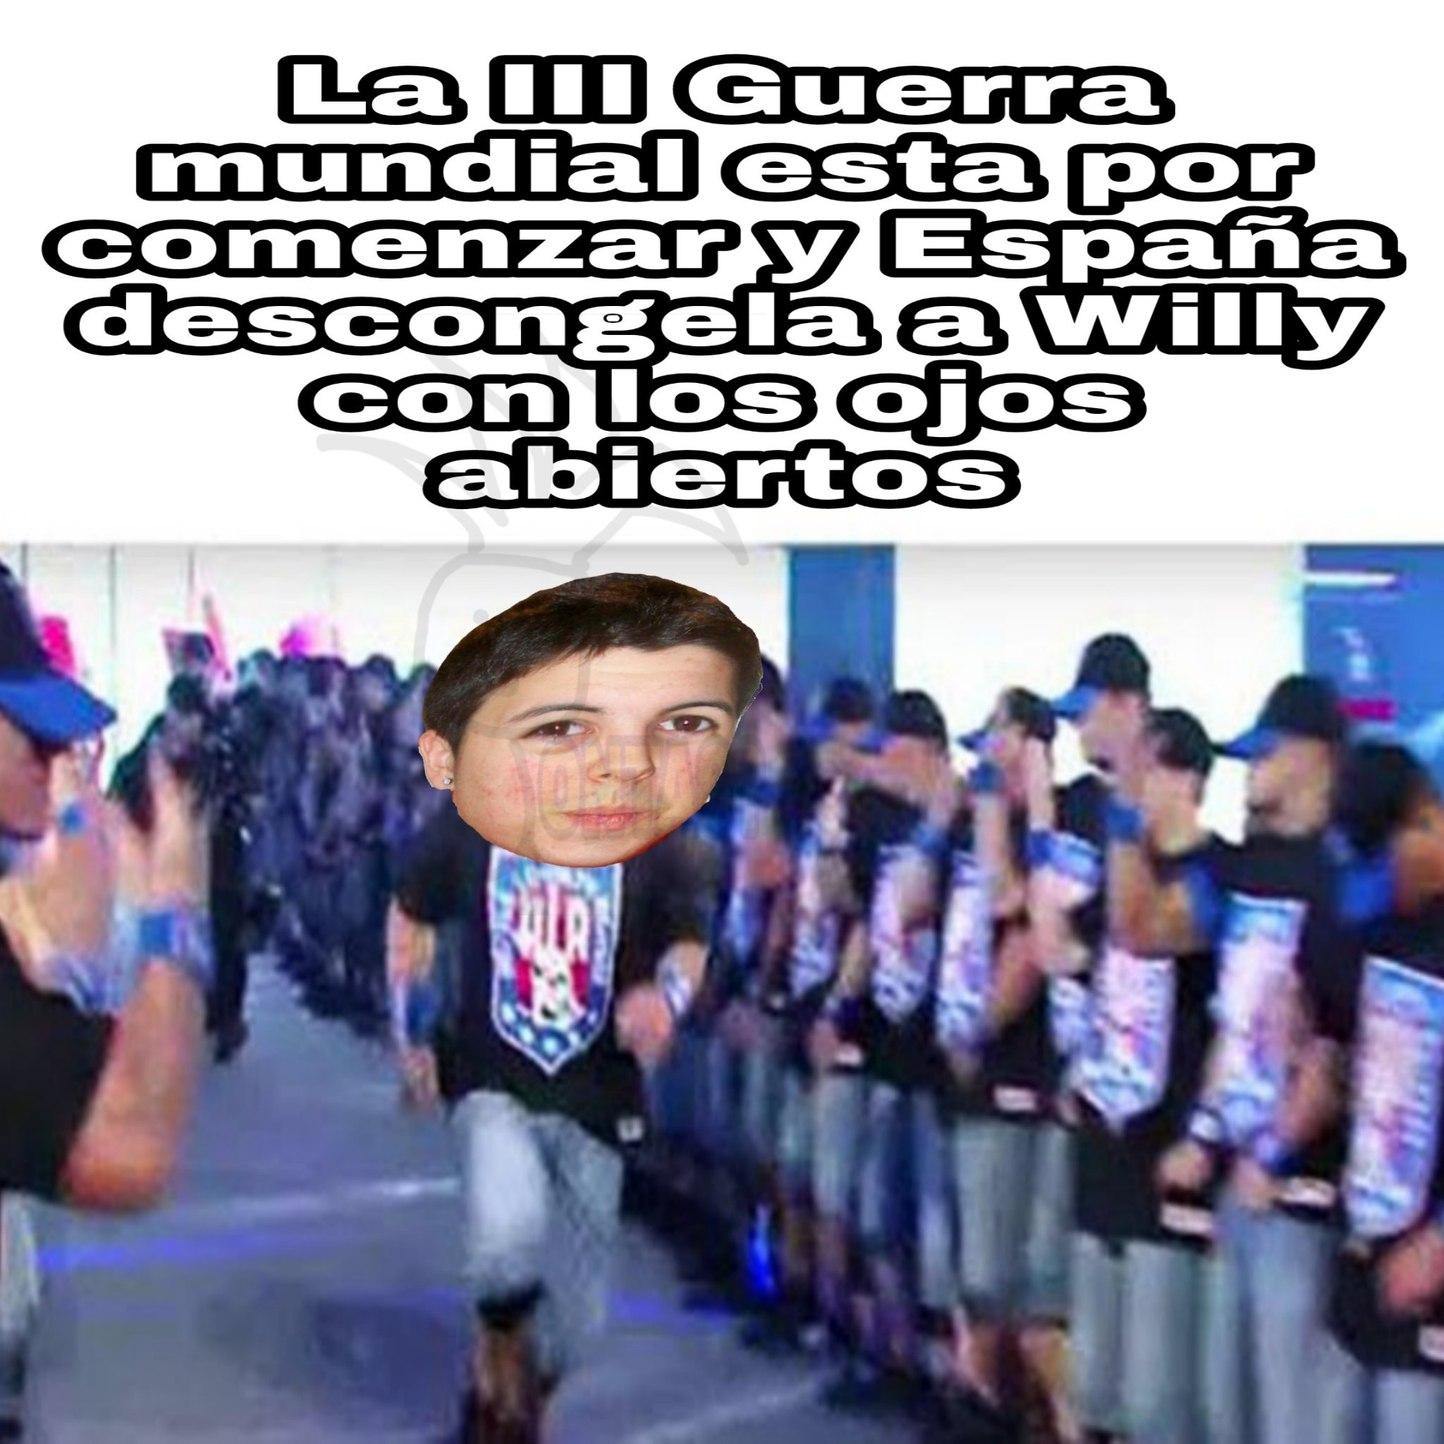 WILLYREX CON LOS OJOS ABIERTOS - meme